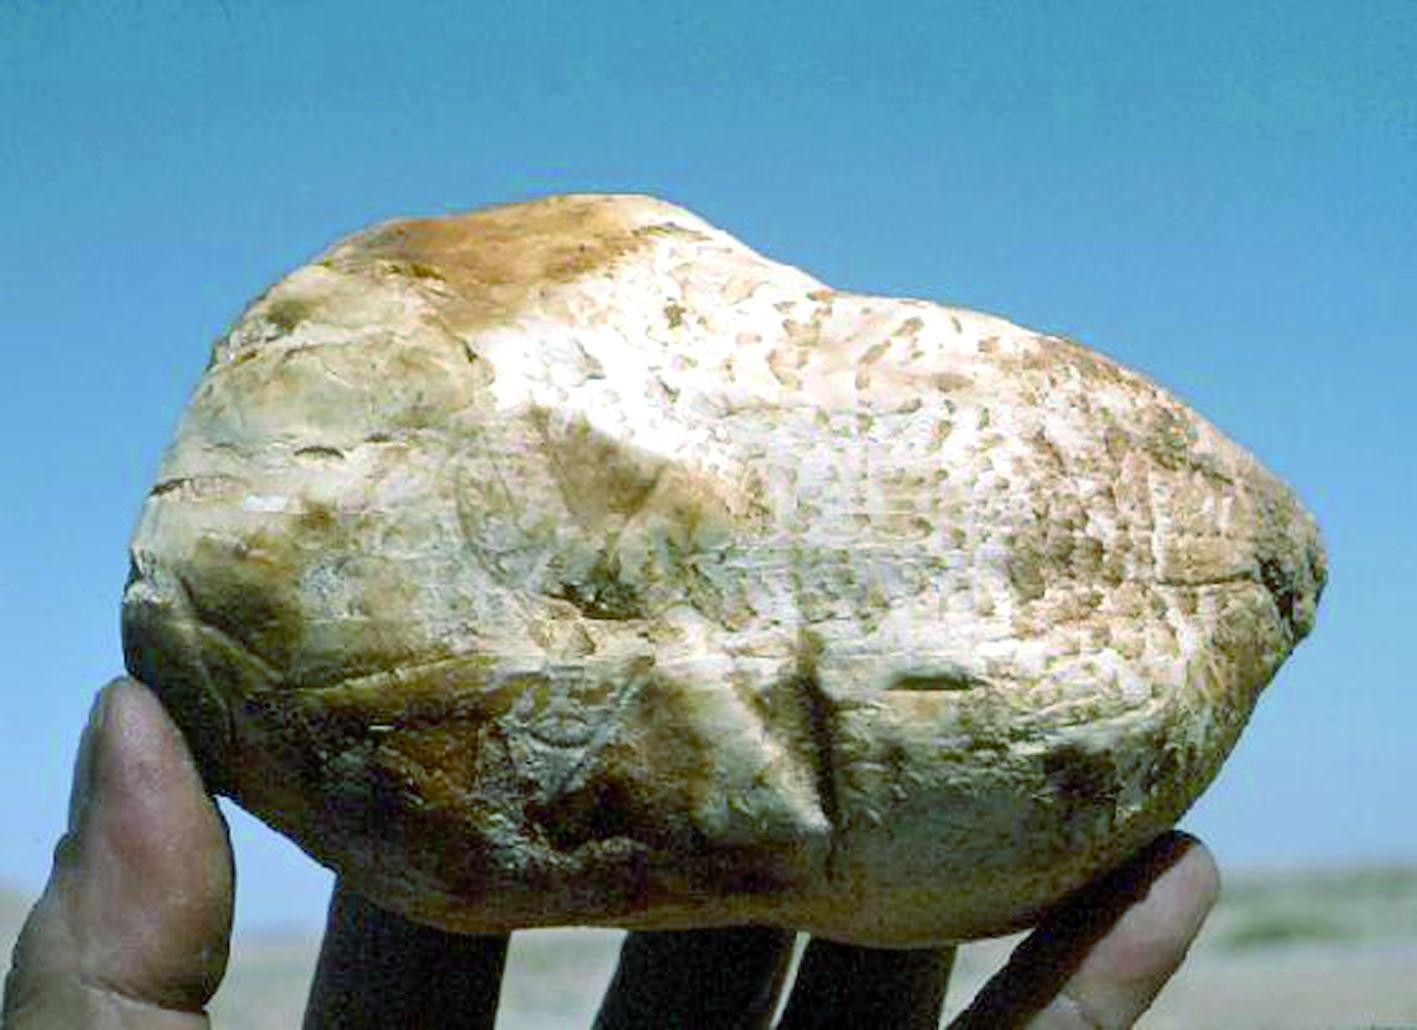 La truffe blanche du désert dévoile ses secrets